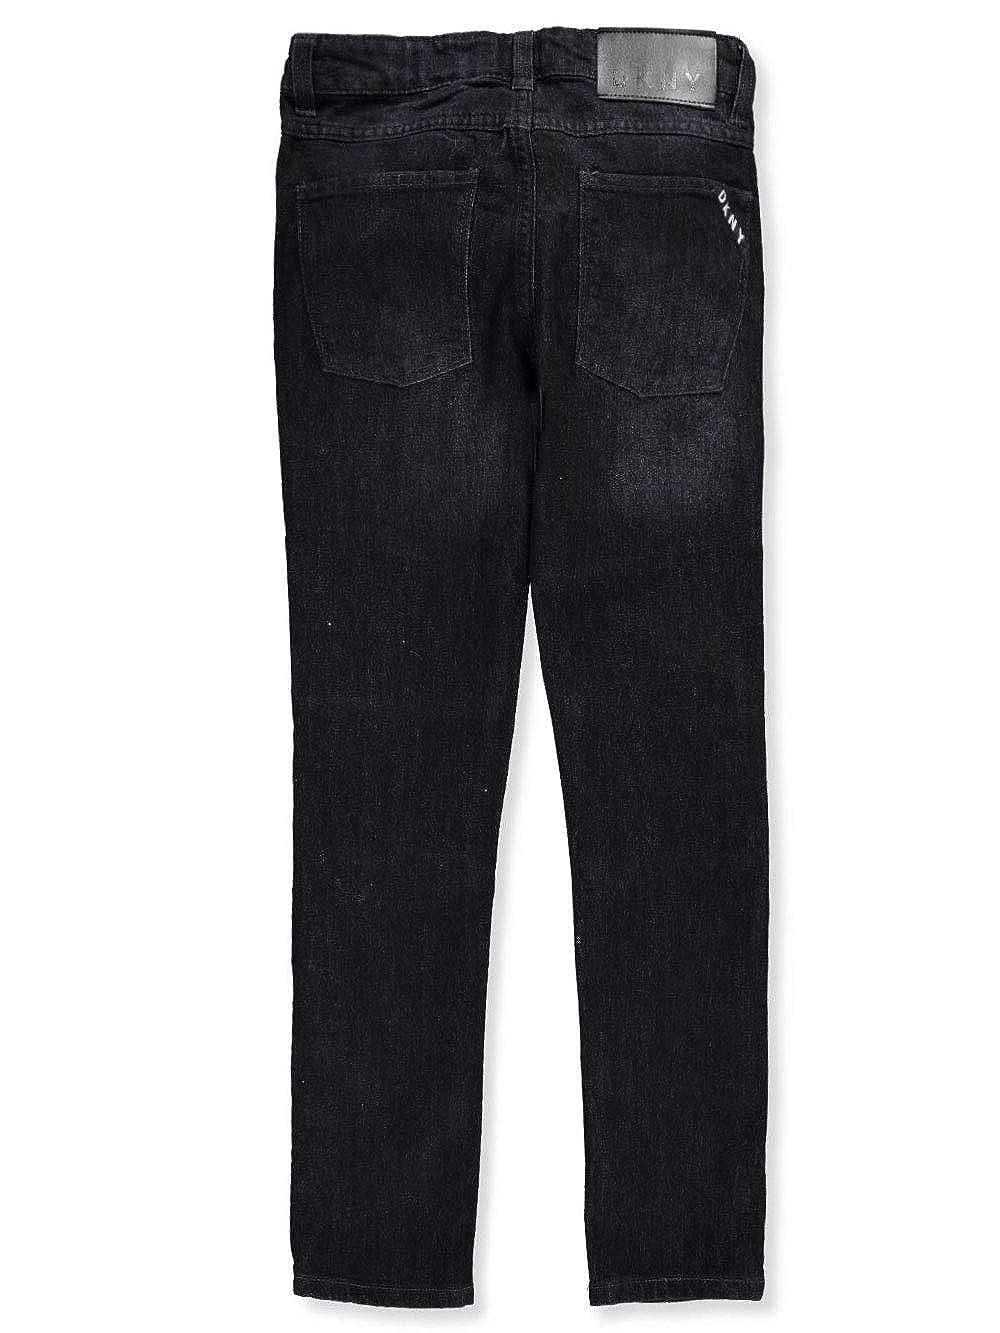 DKNY Boys Skinny Jeans